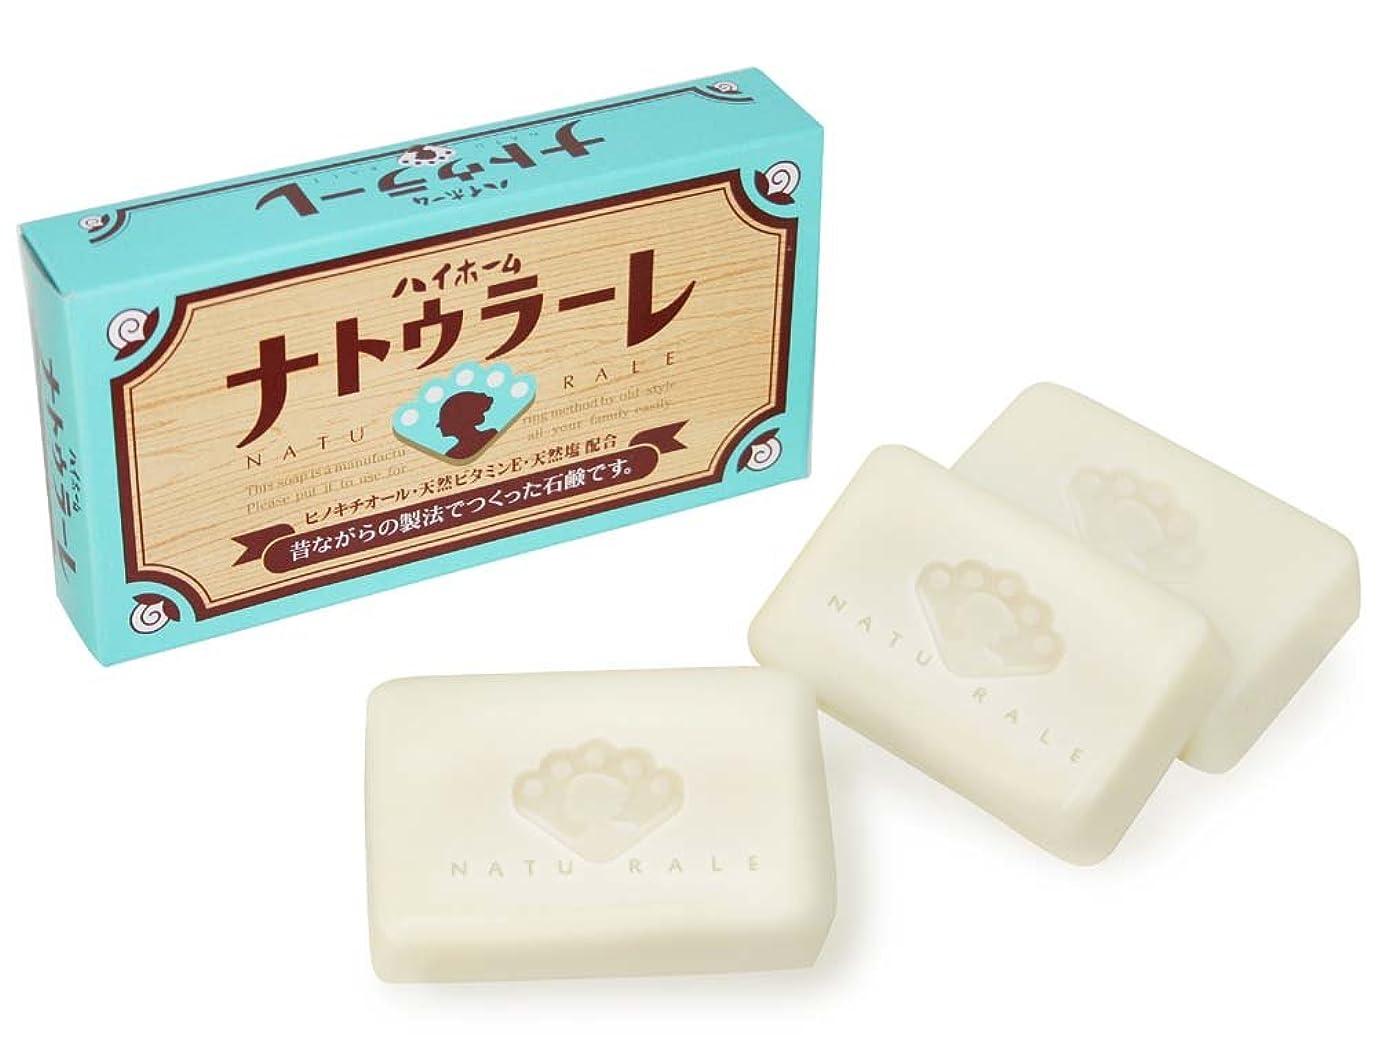 家庭教師綺麗な後者昔ながらの製法で作られた化粧石鹸 ハイホーム ナトゥラーレ 3個入り (天然ビタミンE配合)